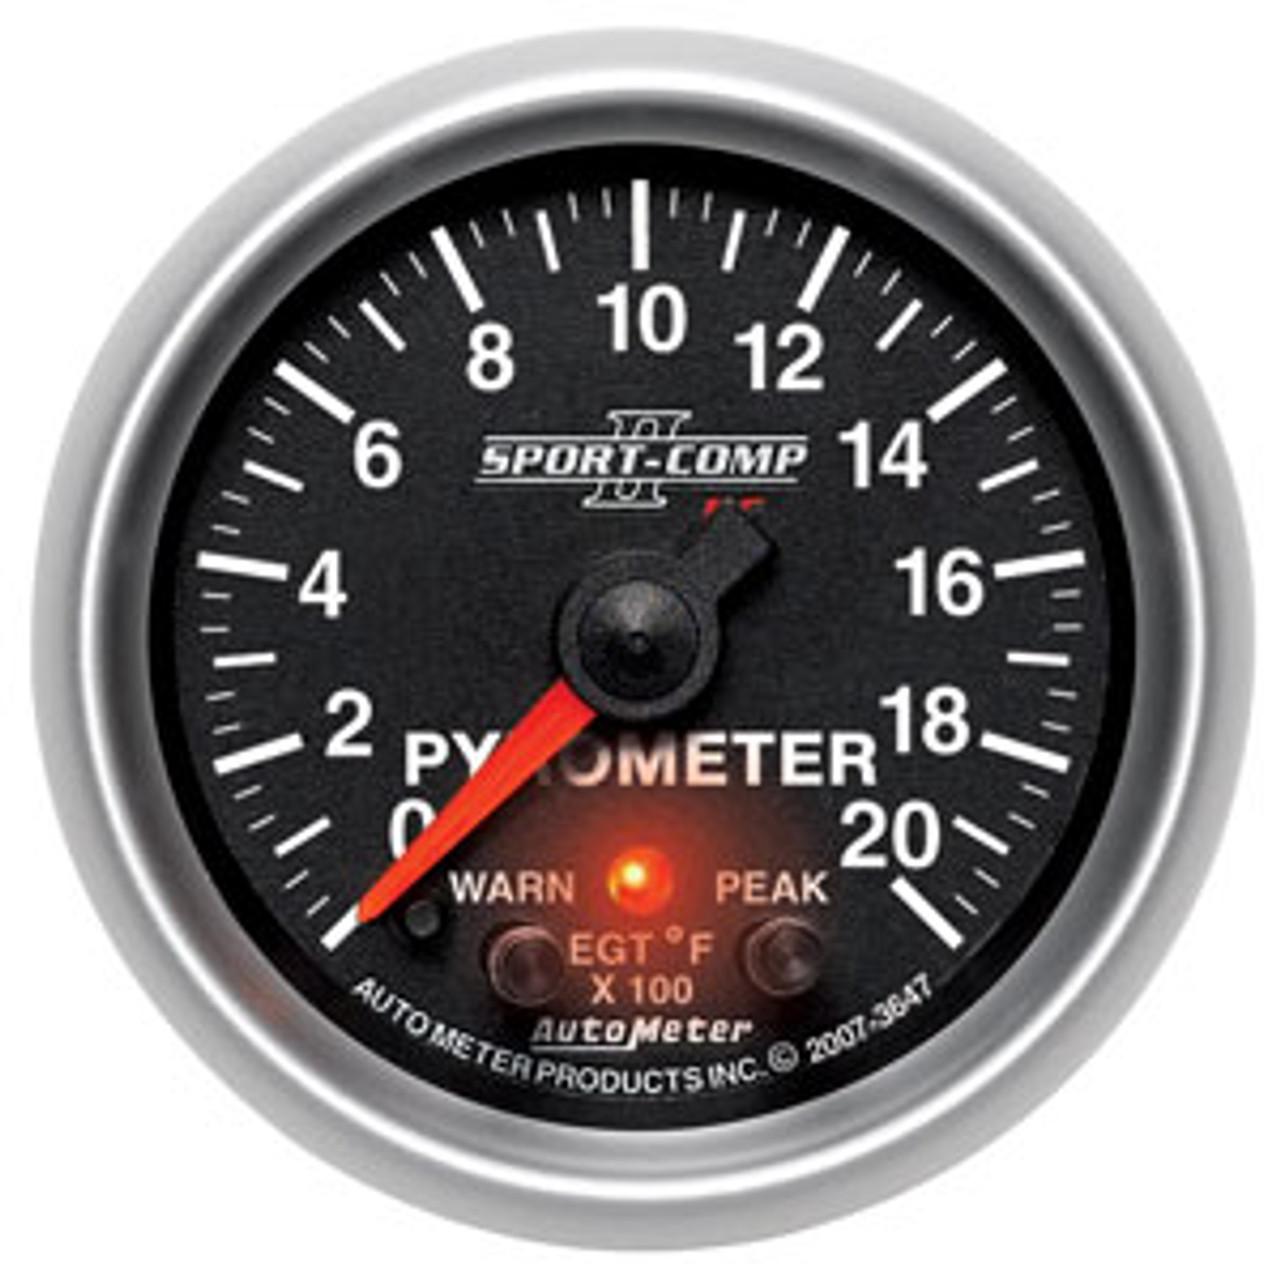 Autometer 2-1/16in PYROMETER KIT, 0-2000`F, FSE SPORT COMP II W/ PRO CONTROL